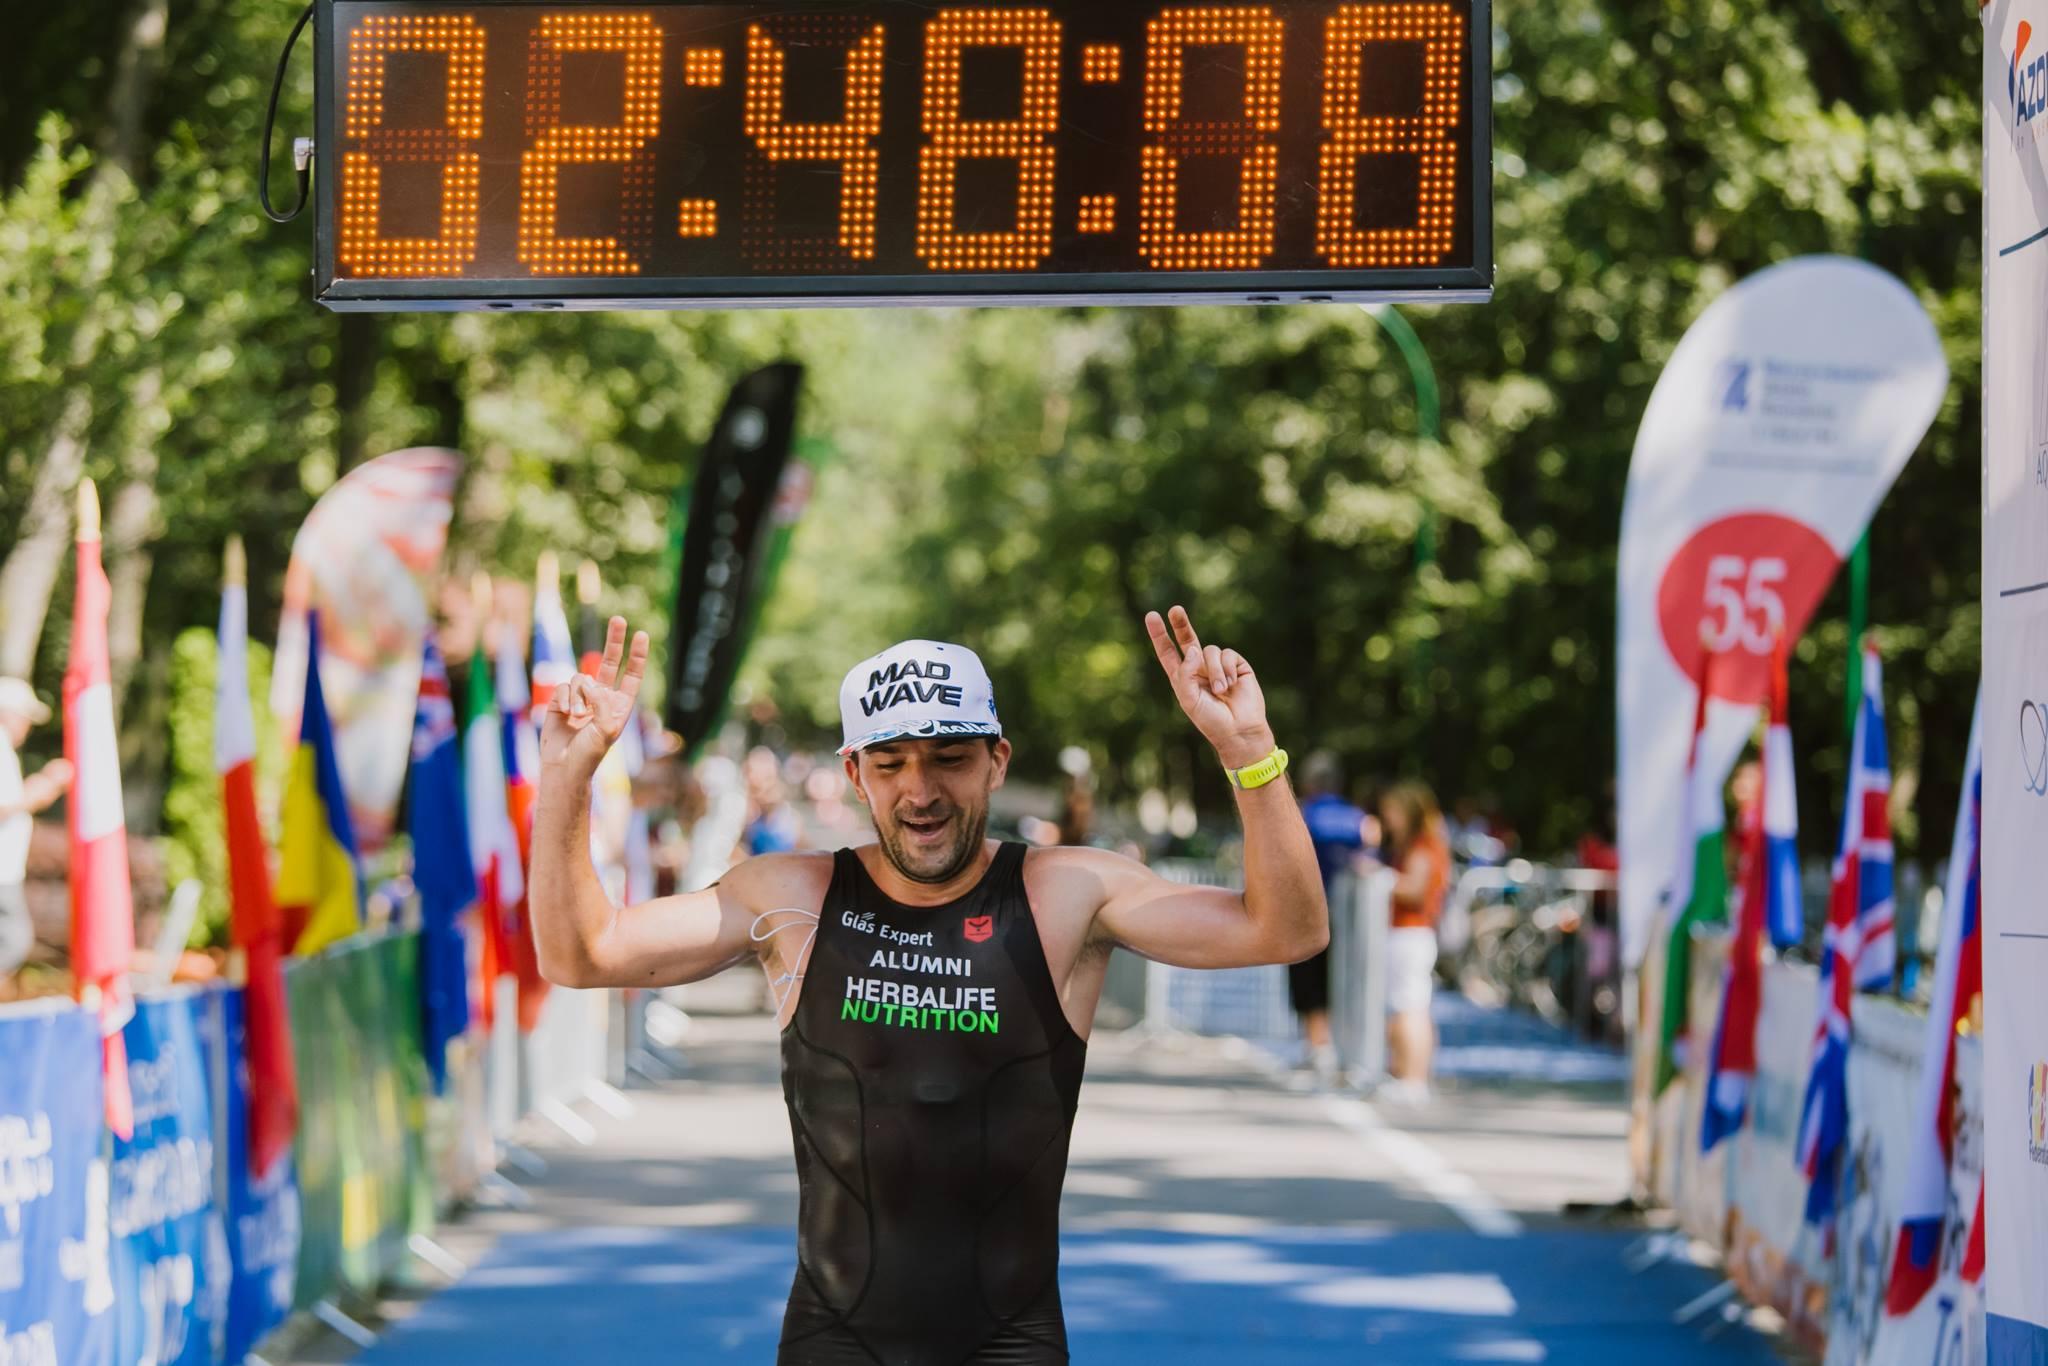 Ciprian Bălănescu Campionatul Național de Cross Triatlon, desfășurat zilele trecute în premieră la Târgu Mureș în cadrul XTERRA, cel mai important circuit internațional de Cross Triatlon.